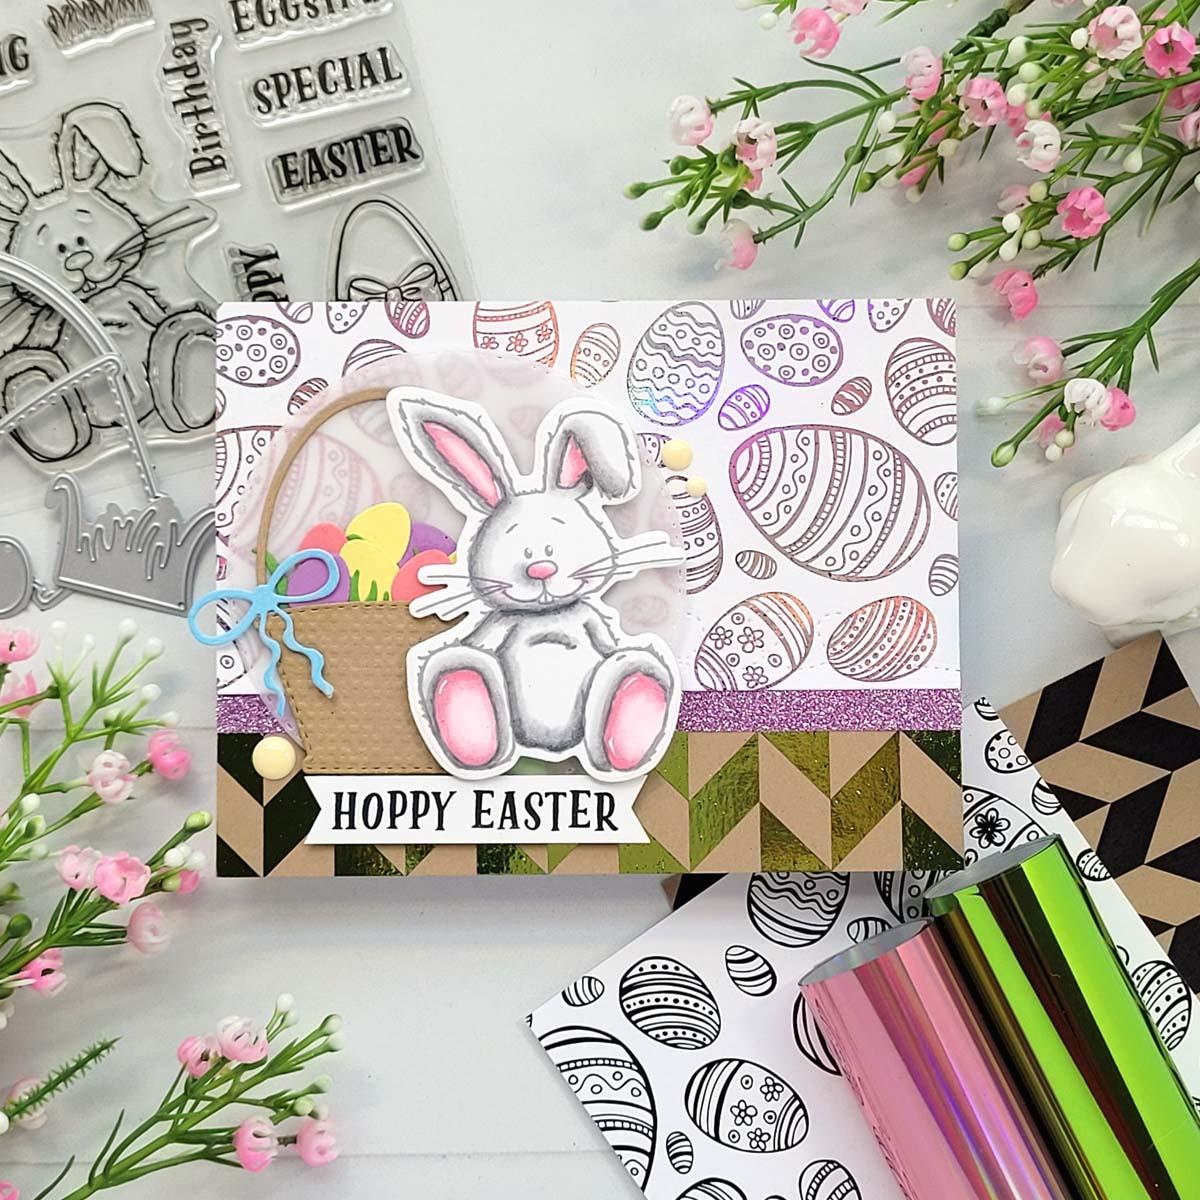 Andrea Hoppy Easter pic 1